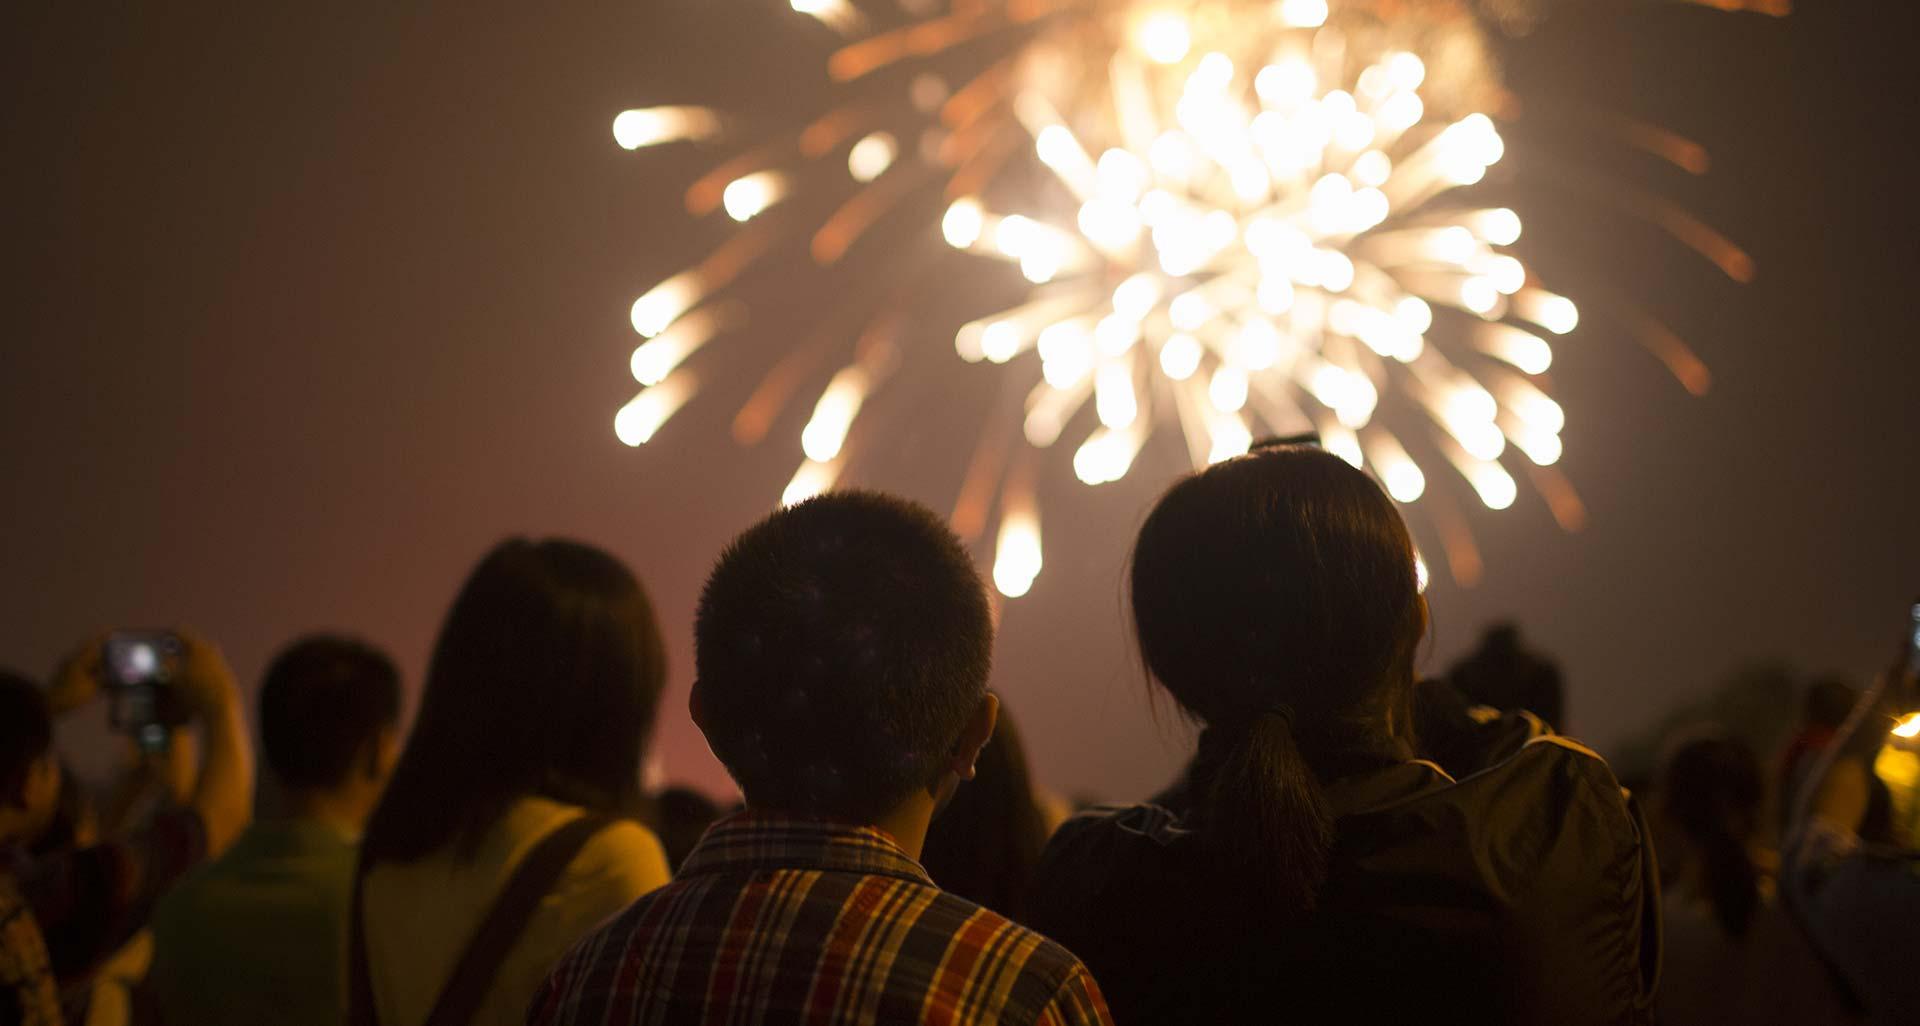 ปีใหม่กับความตั้งใจ